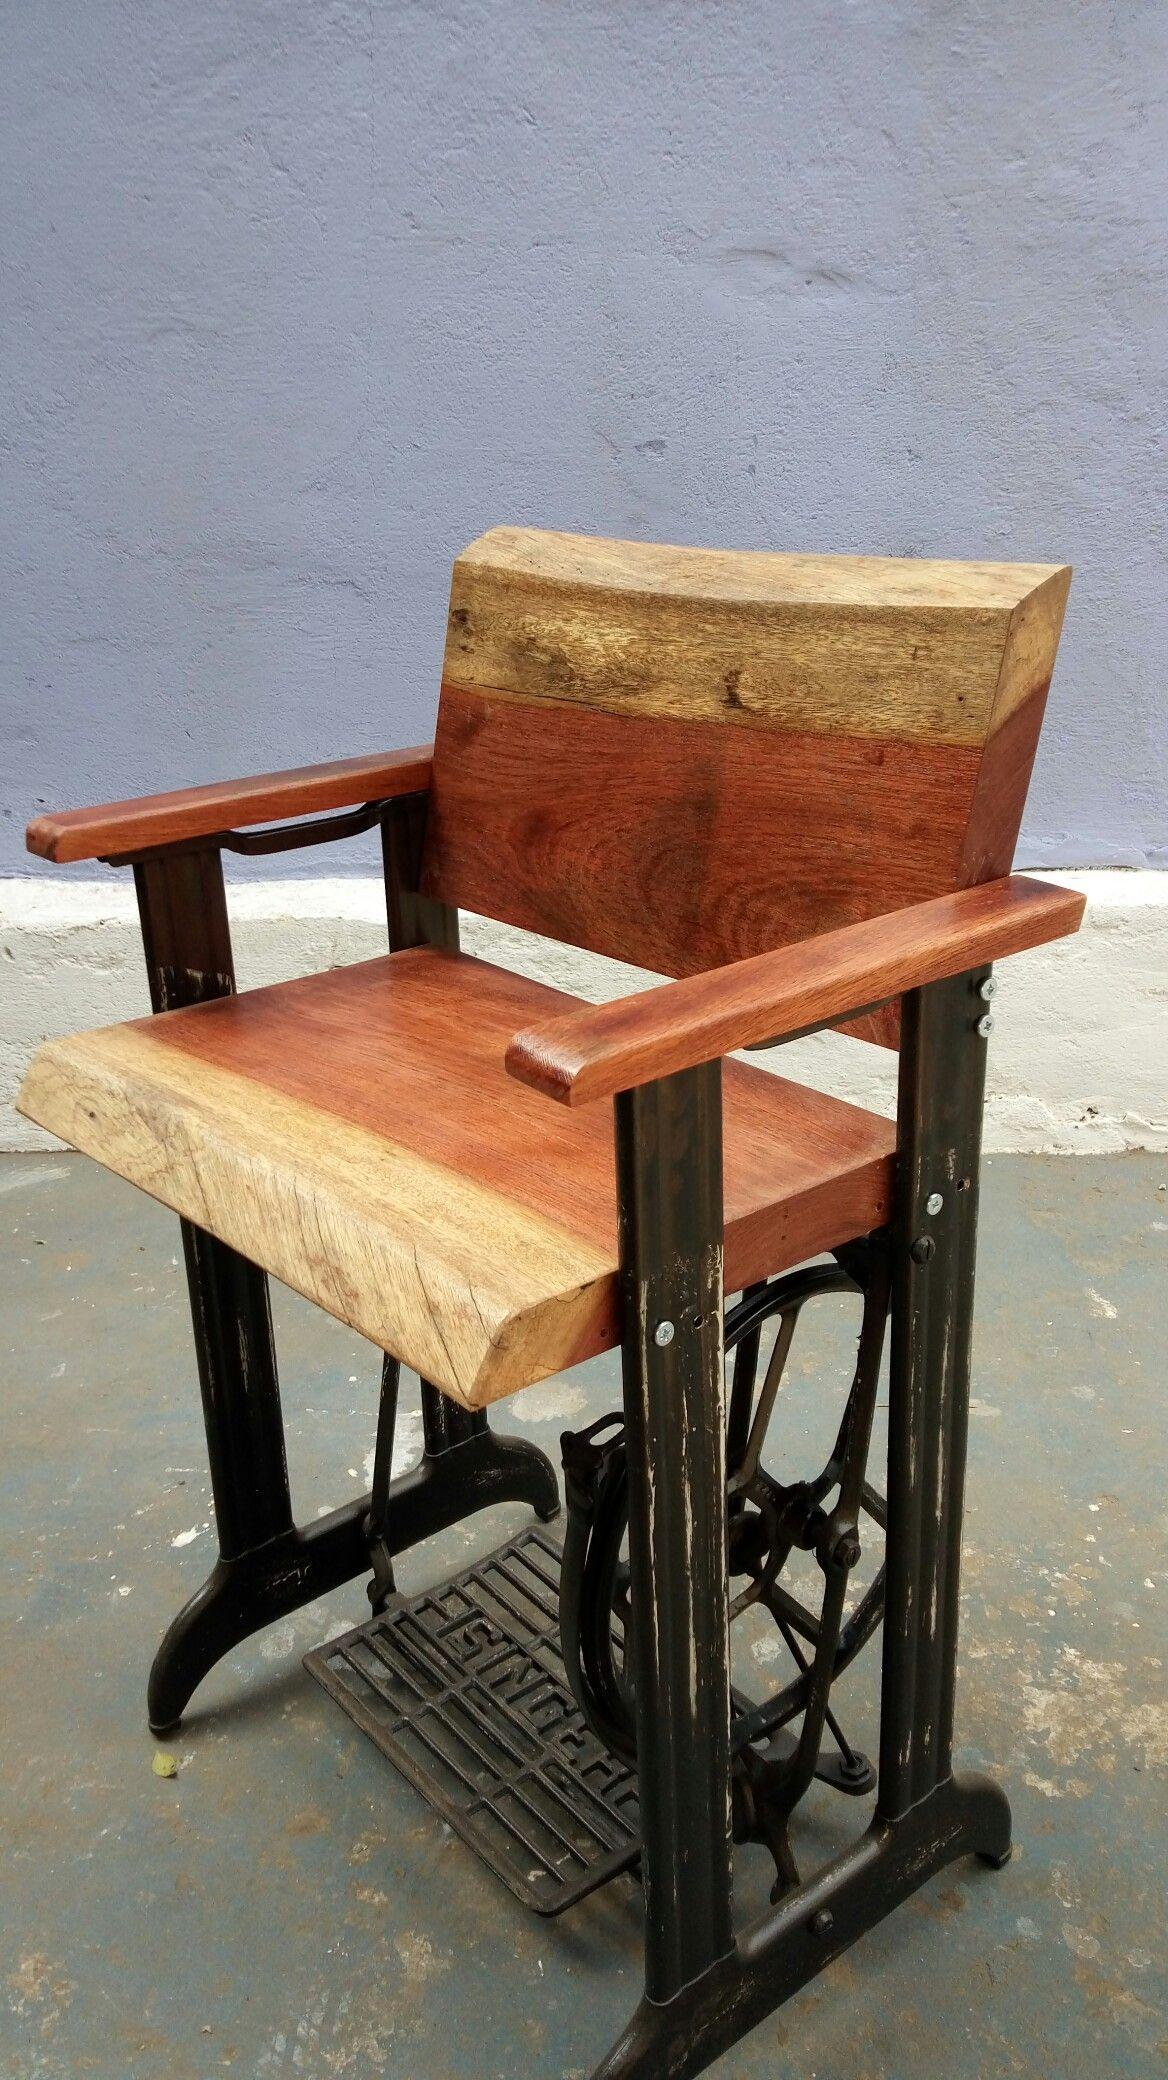 Holzbauen Vintage Industrial Mobel Diy Mobel Selber Bauen Ikea Gartentisch